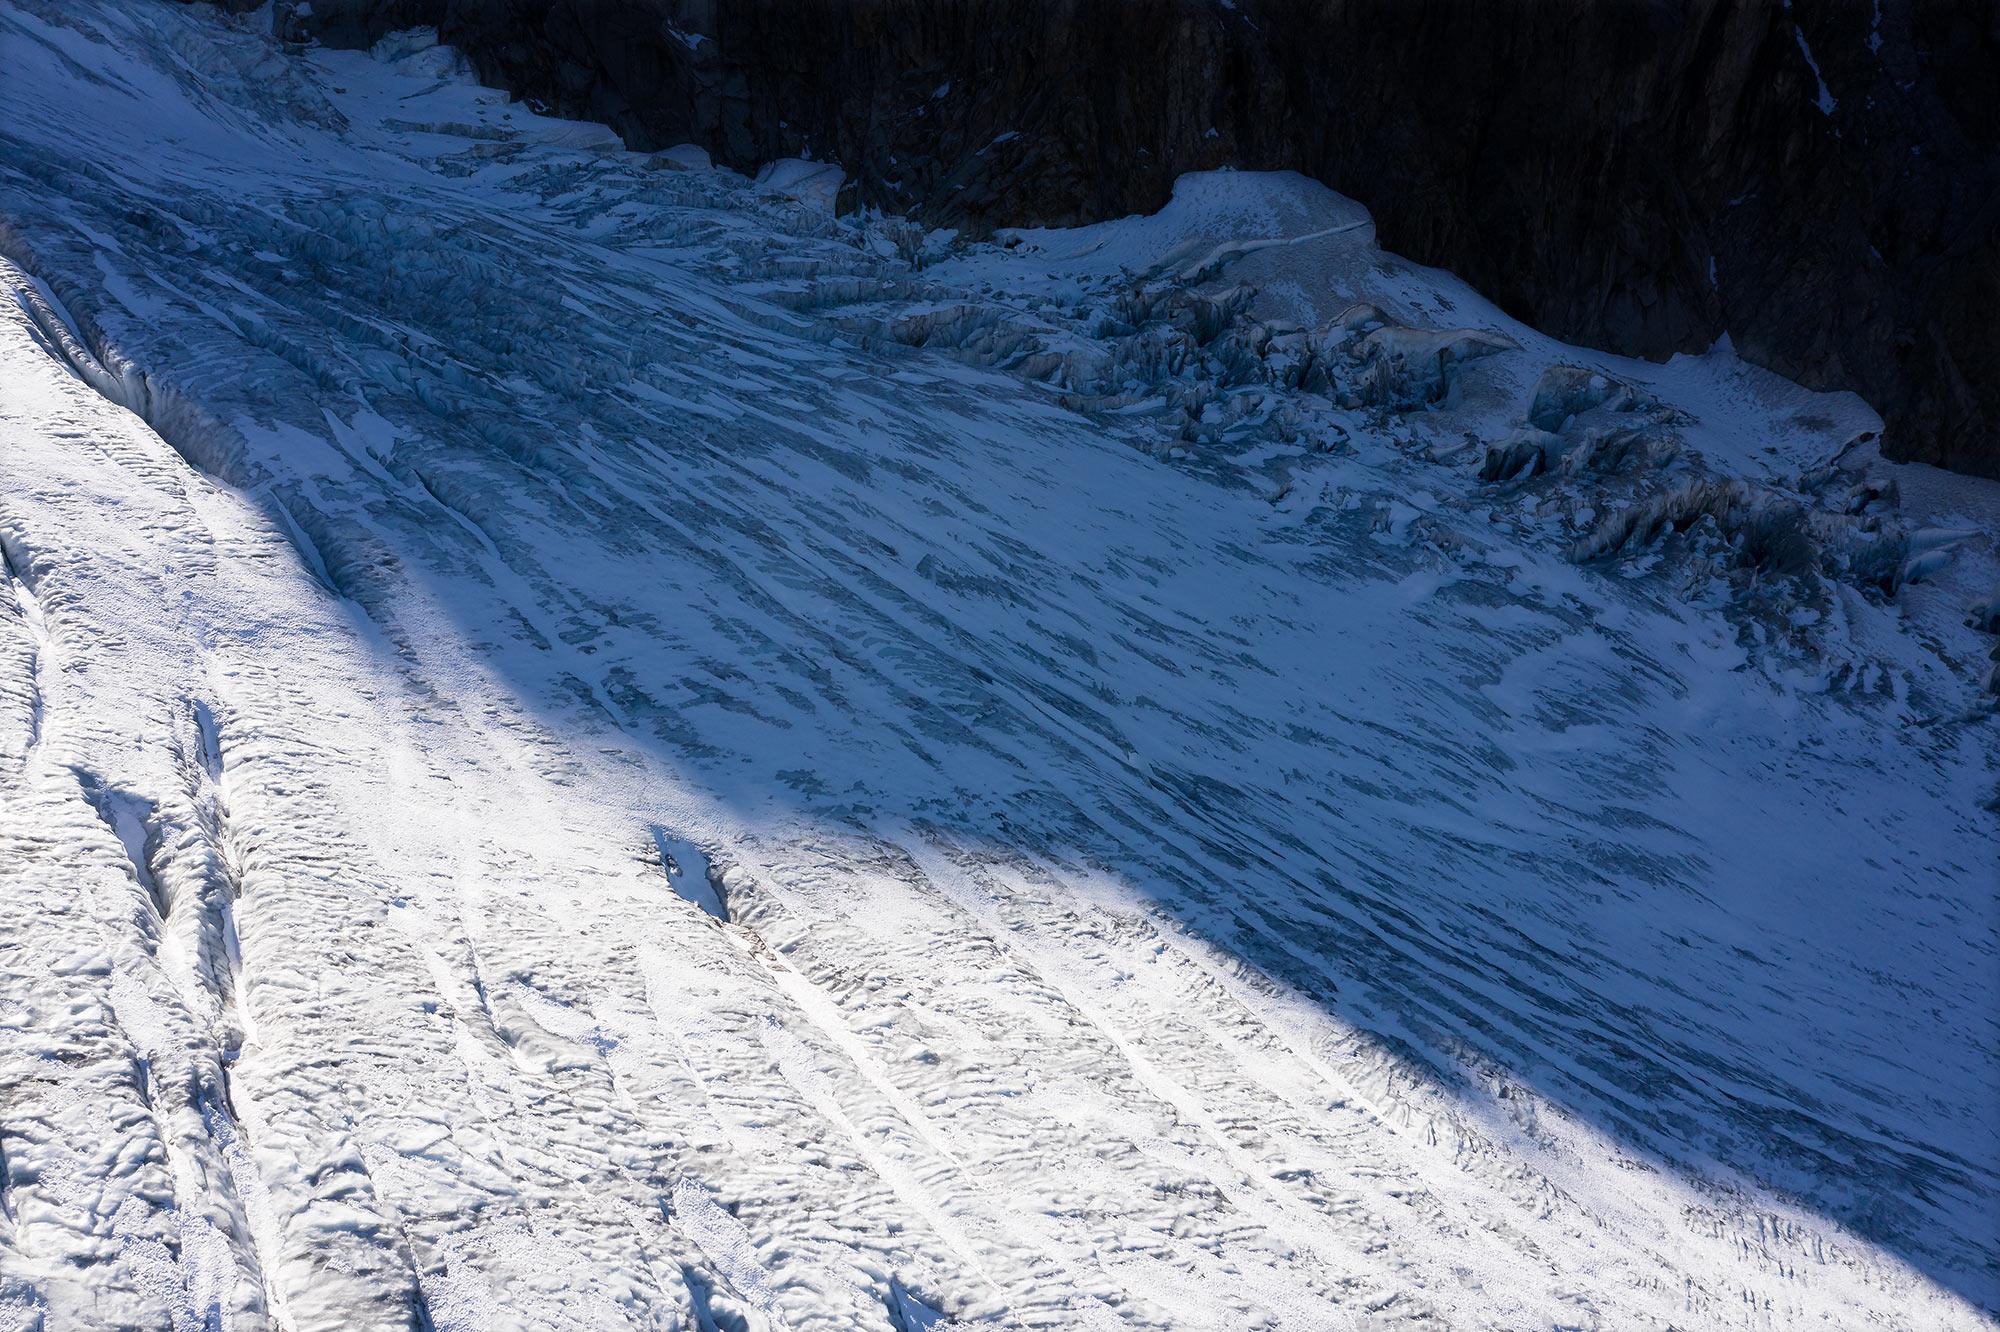 #397 Glaciers,Glacier du Trient, 2018, 46°0'43.871″N 7°1'34.997″E